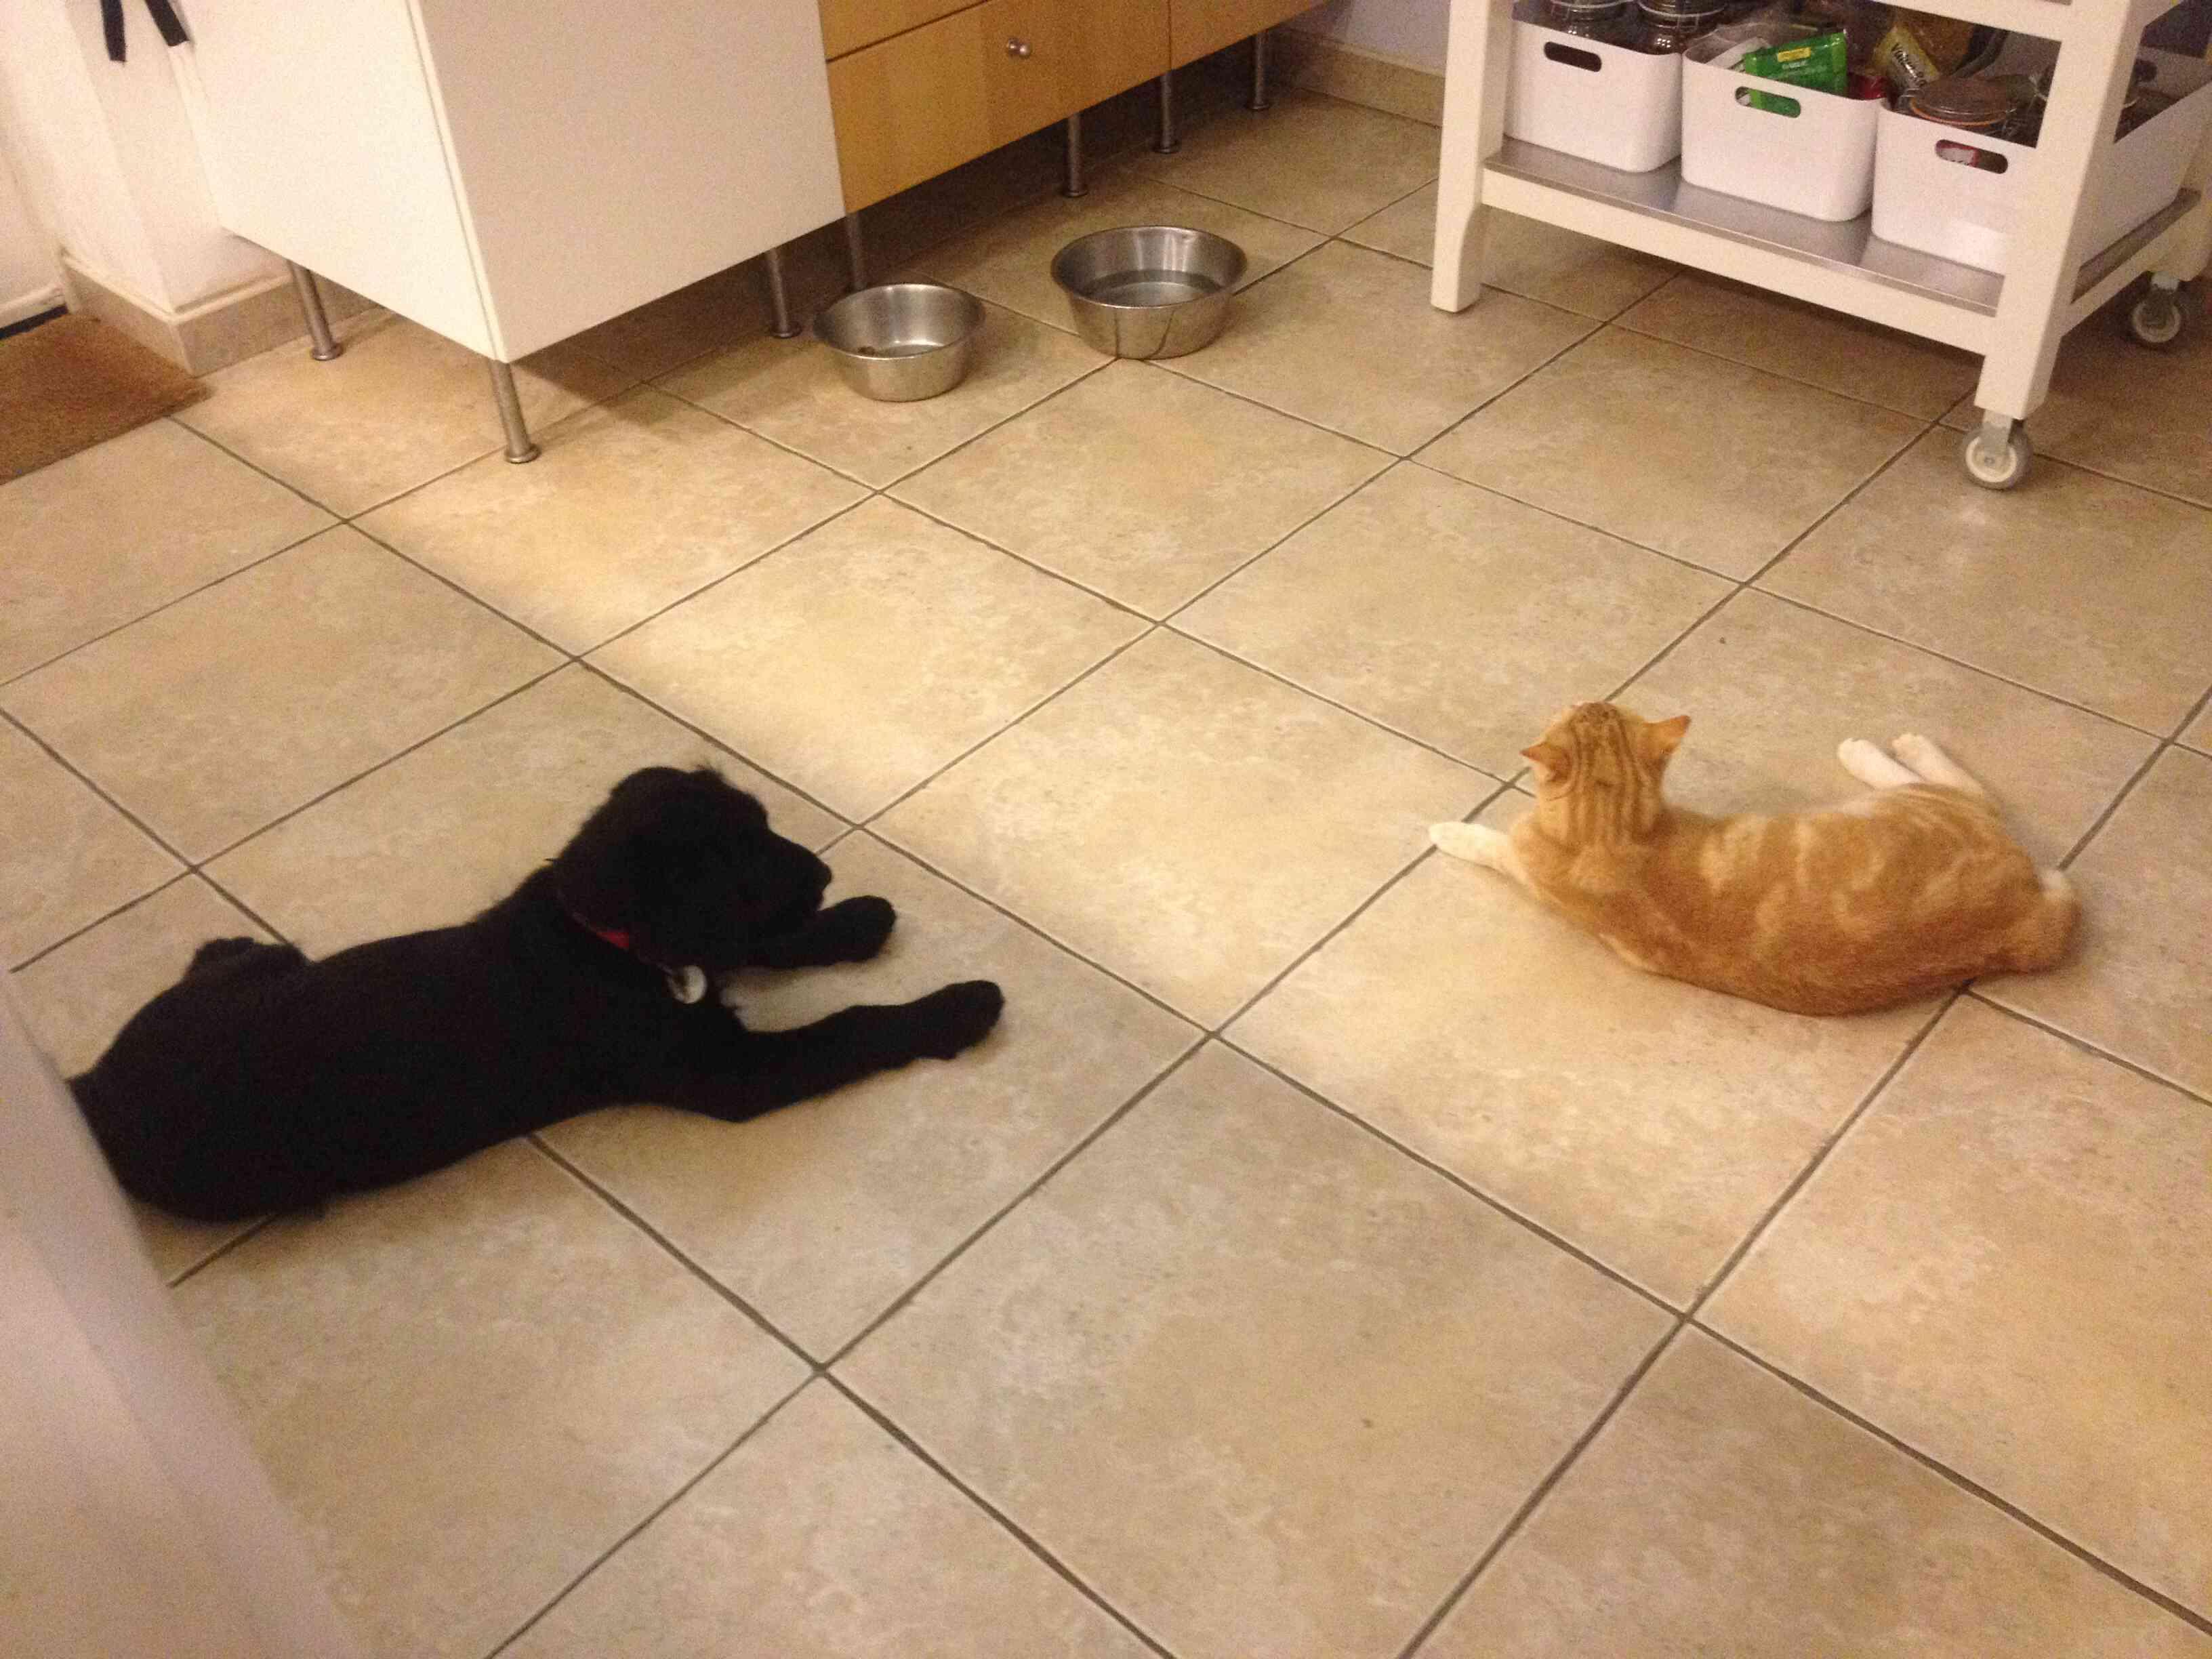 Faceoff: Igor et le chat